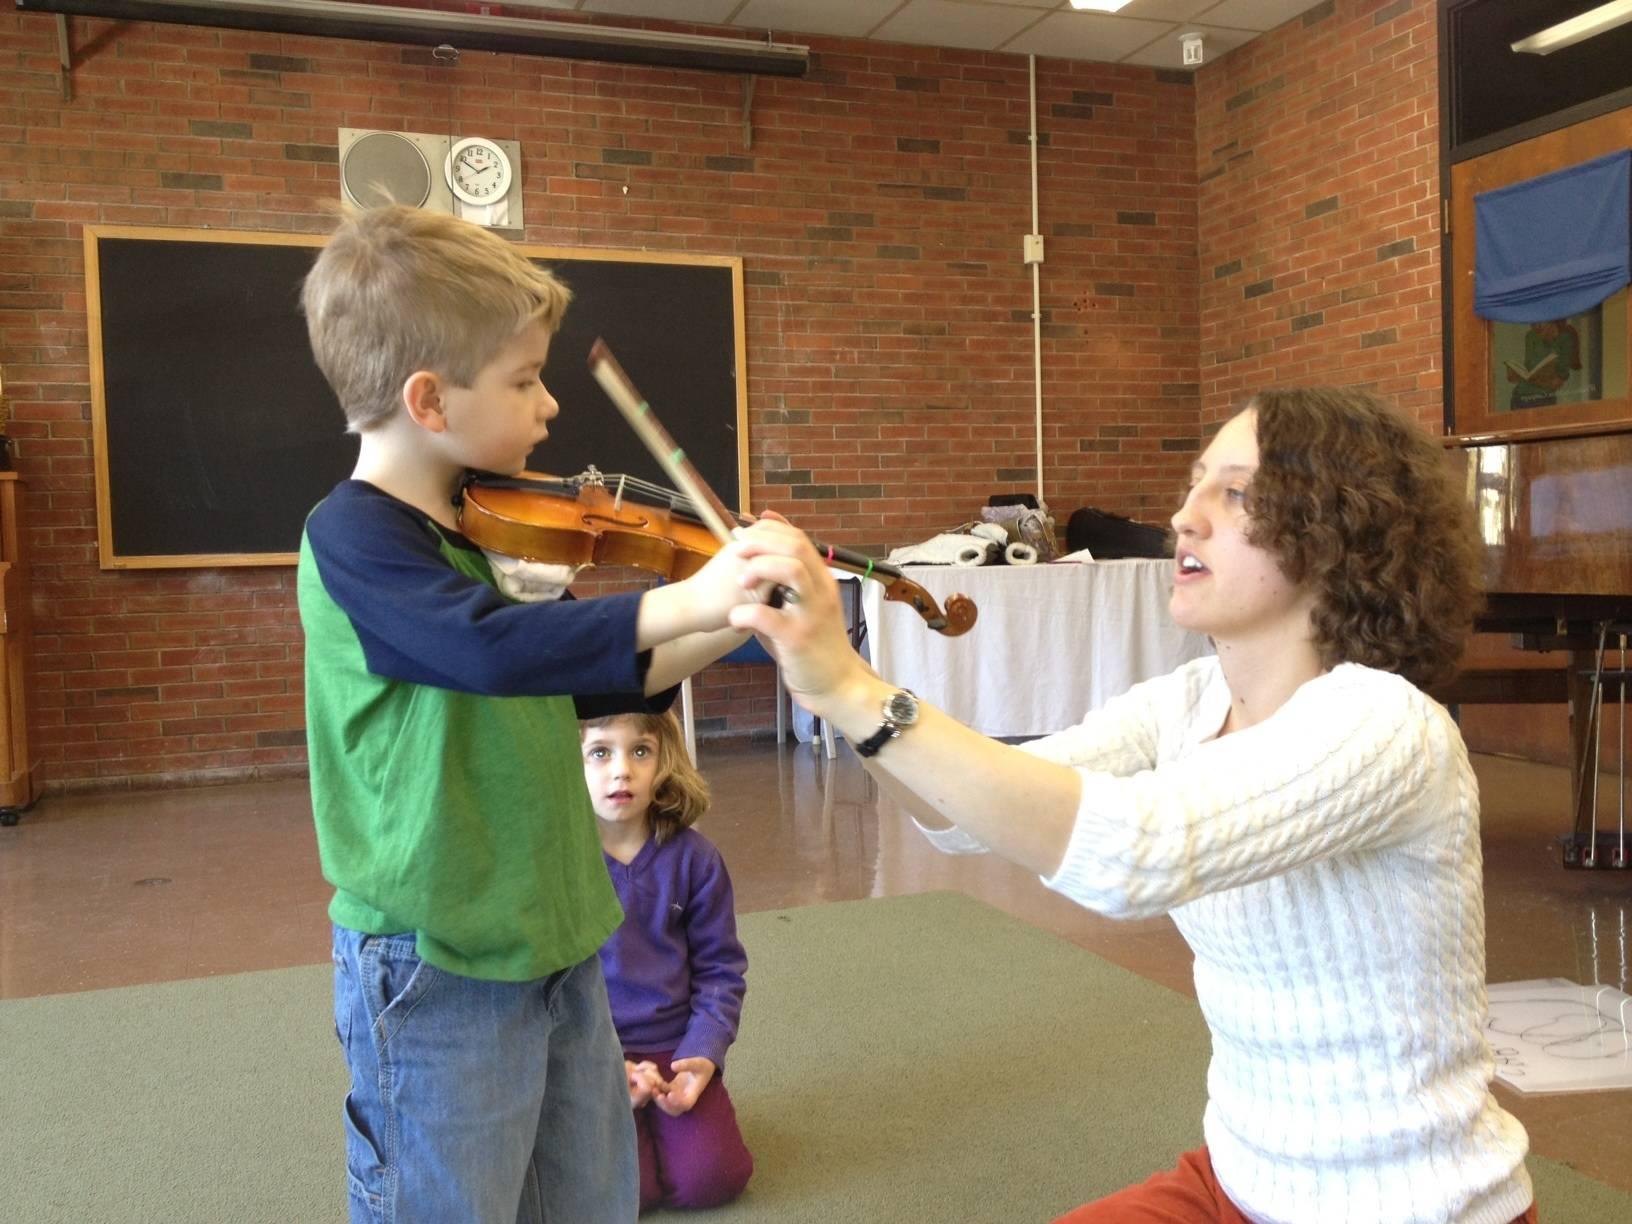 Упражнения по музыкально-слуховому развитию для детей раннего возраста от года до трёх лет с использованием методики к. орфа